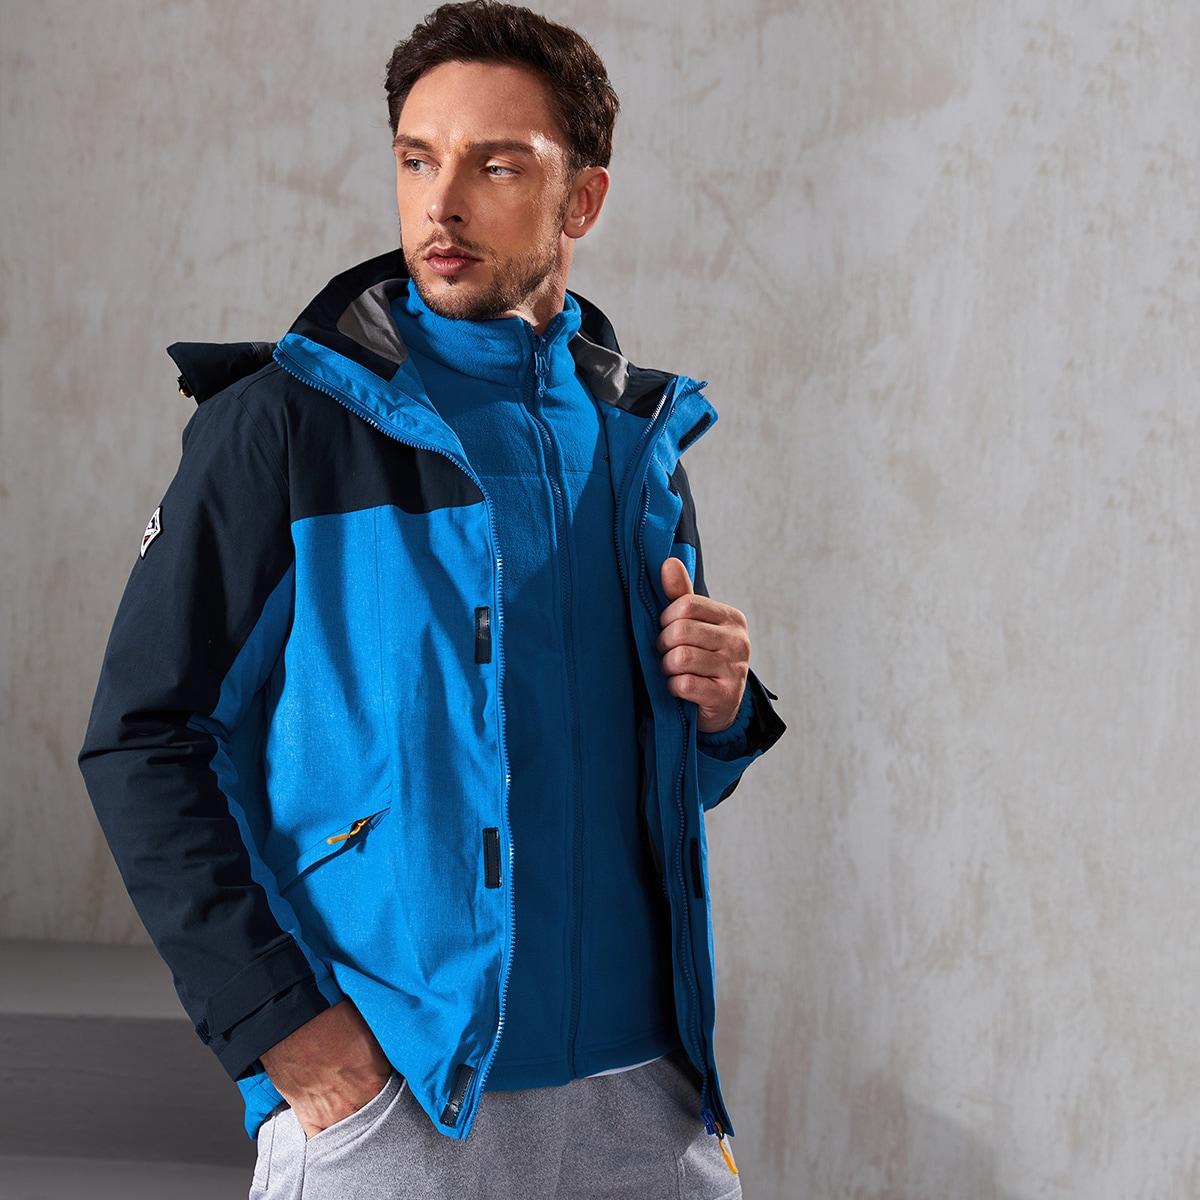 Zweifarbige Sports Jacke mit abnehmbarem Vlies Futter und Kapuze